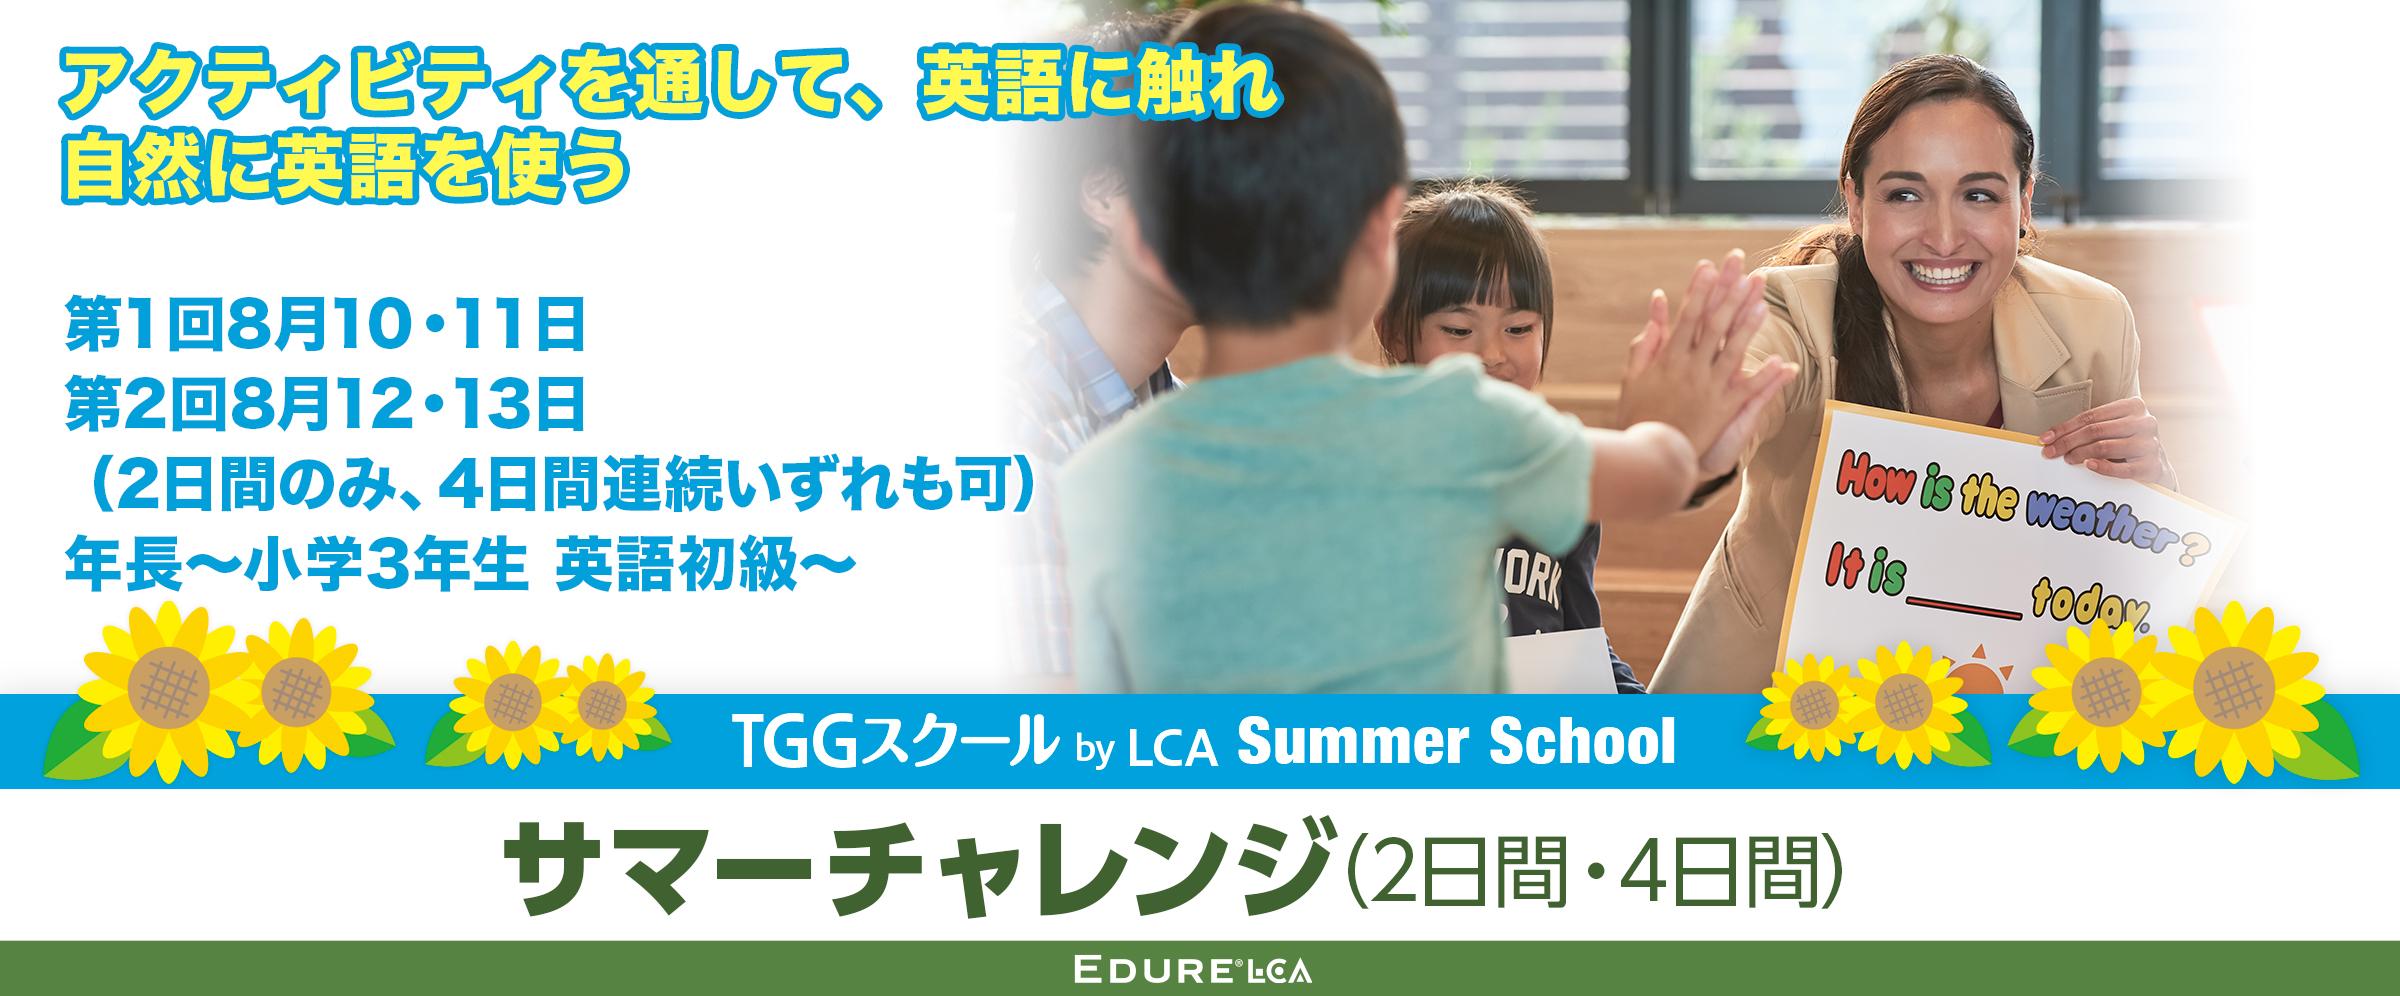 サマーチャレンジ(2日間/4日間)アクティビティを通して、 英語に触れ自然に英語を使う